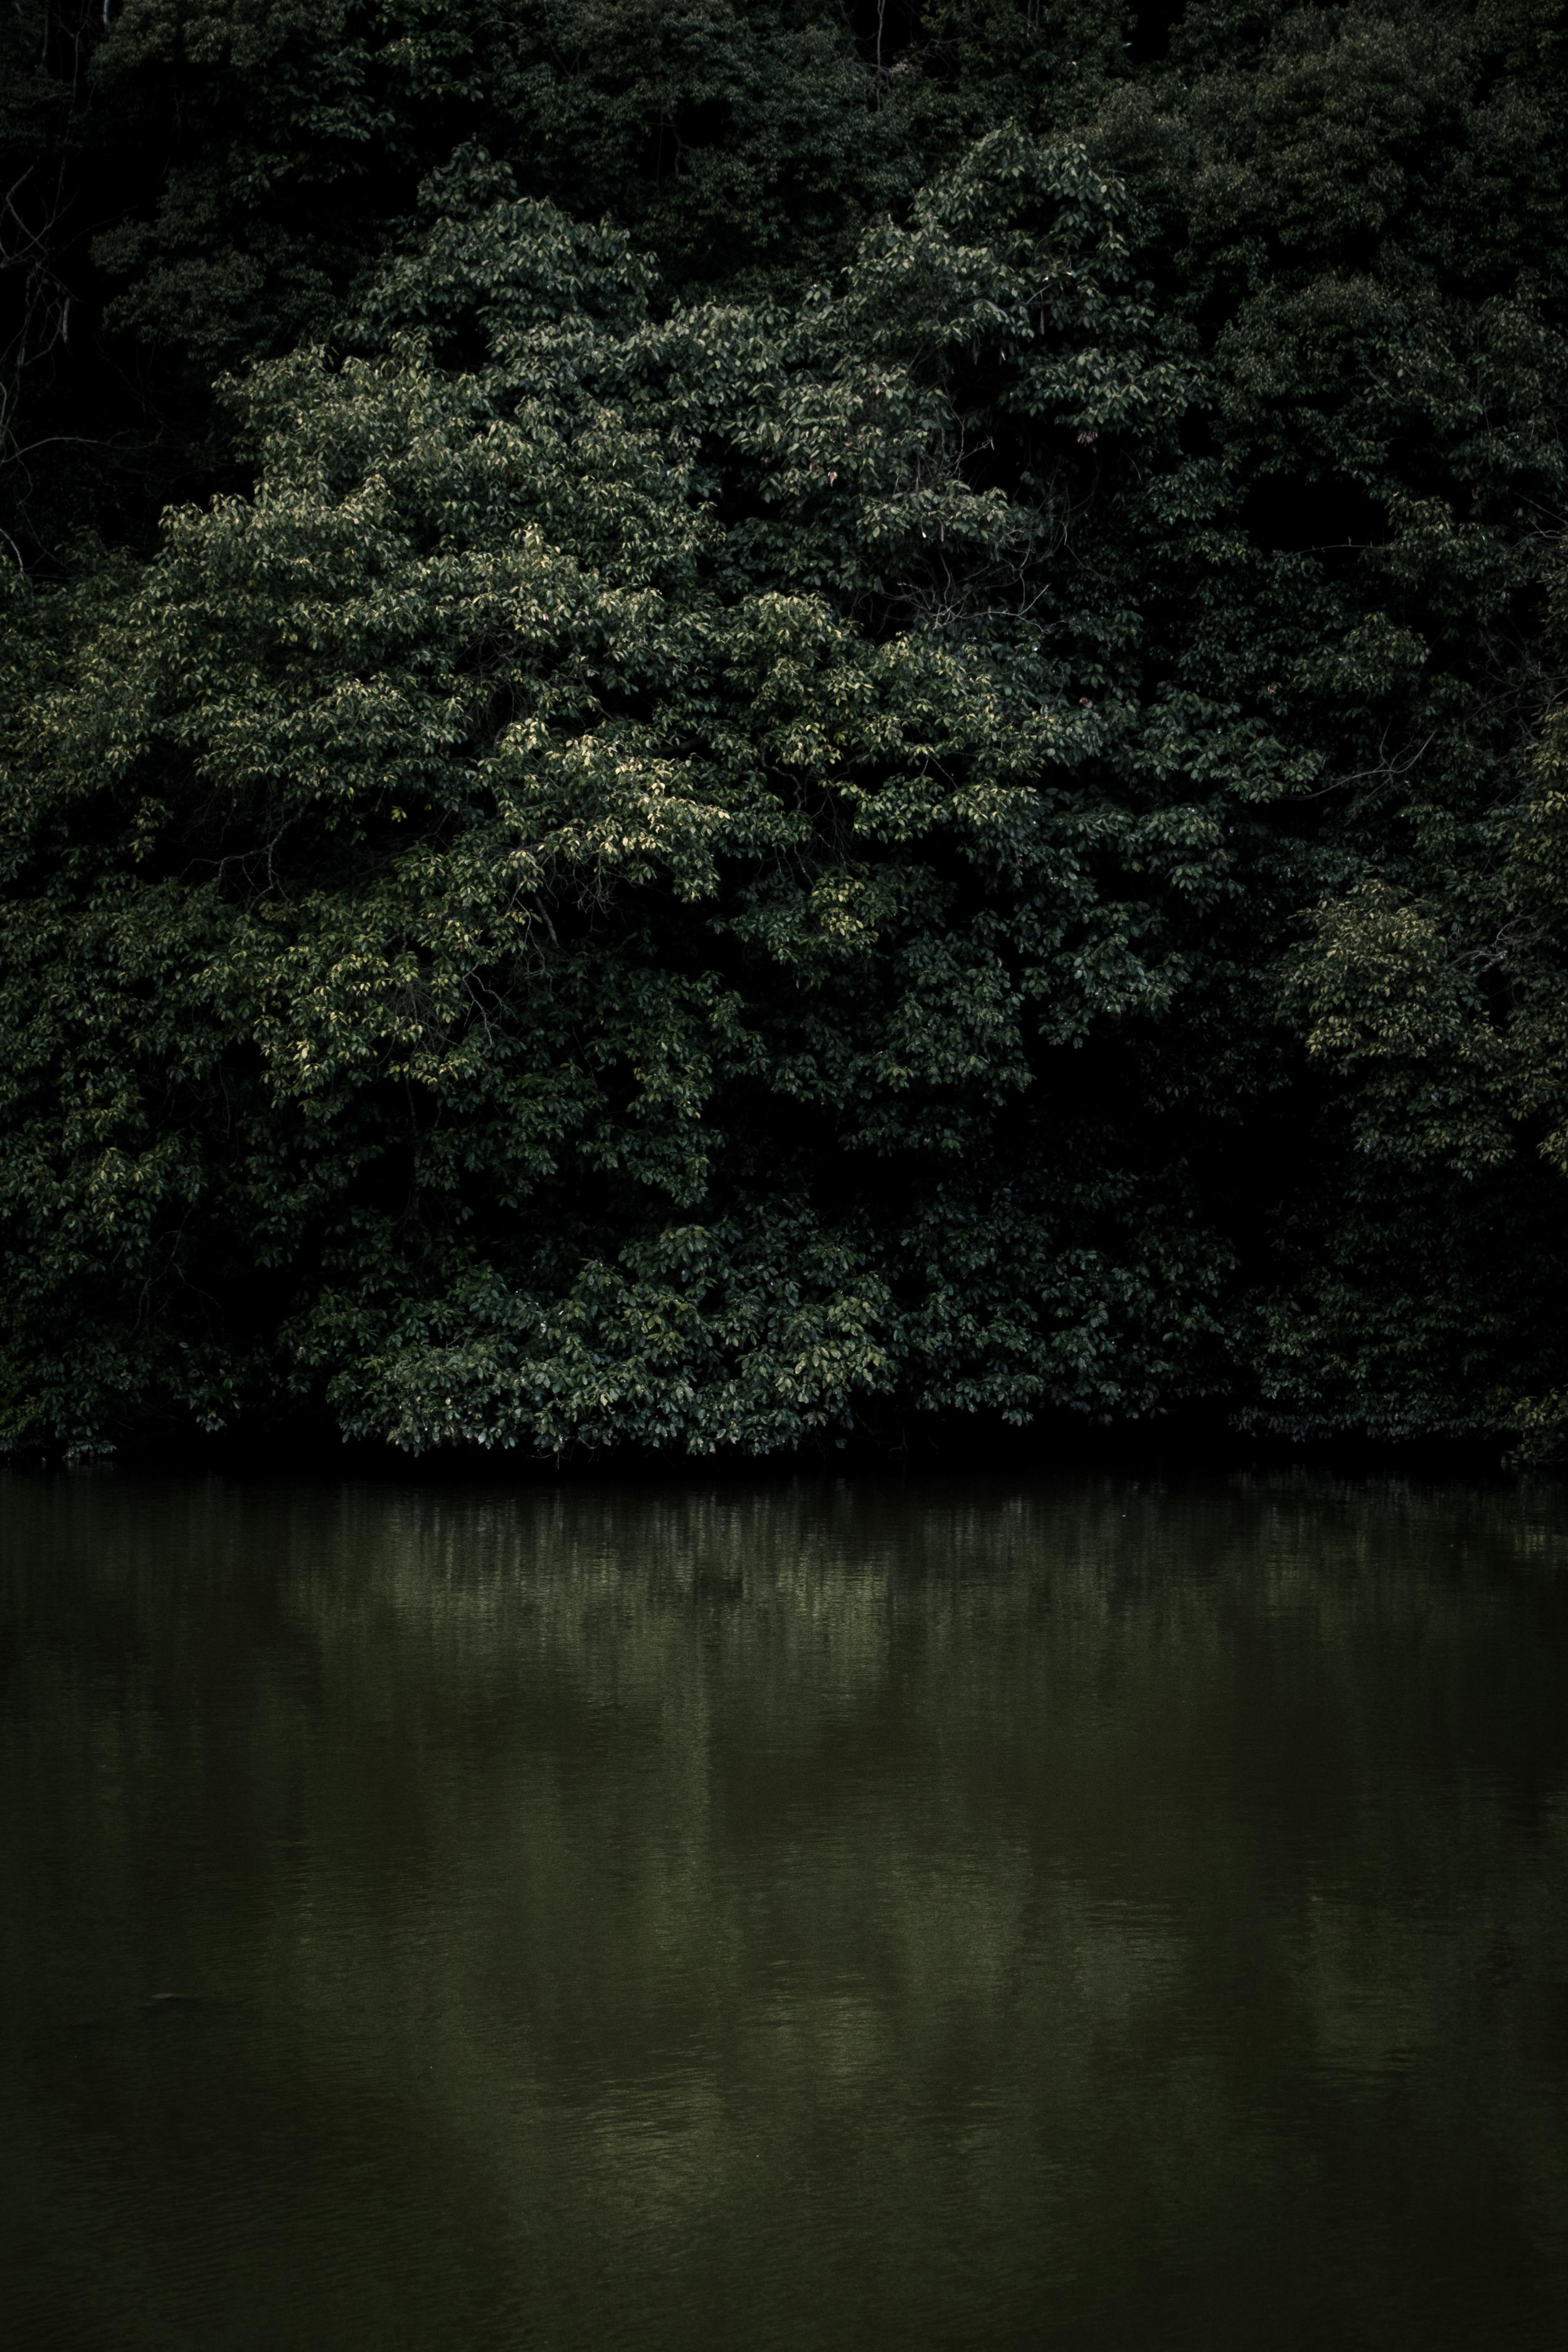 japanese nataure_good_1.jpg